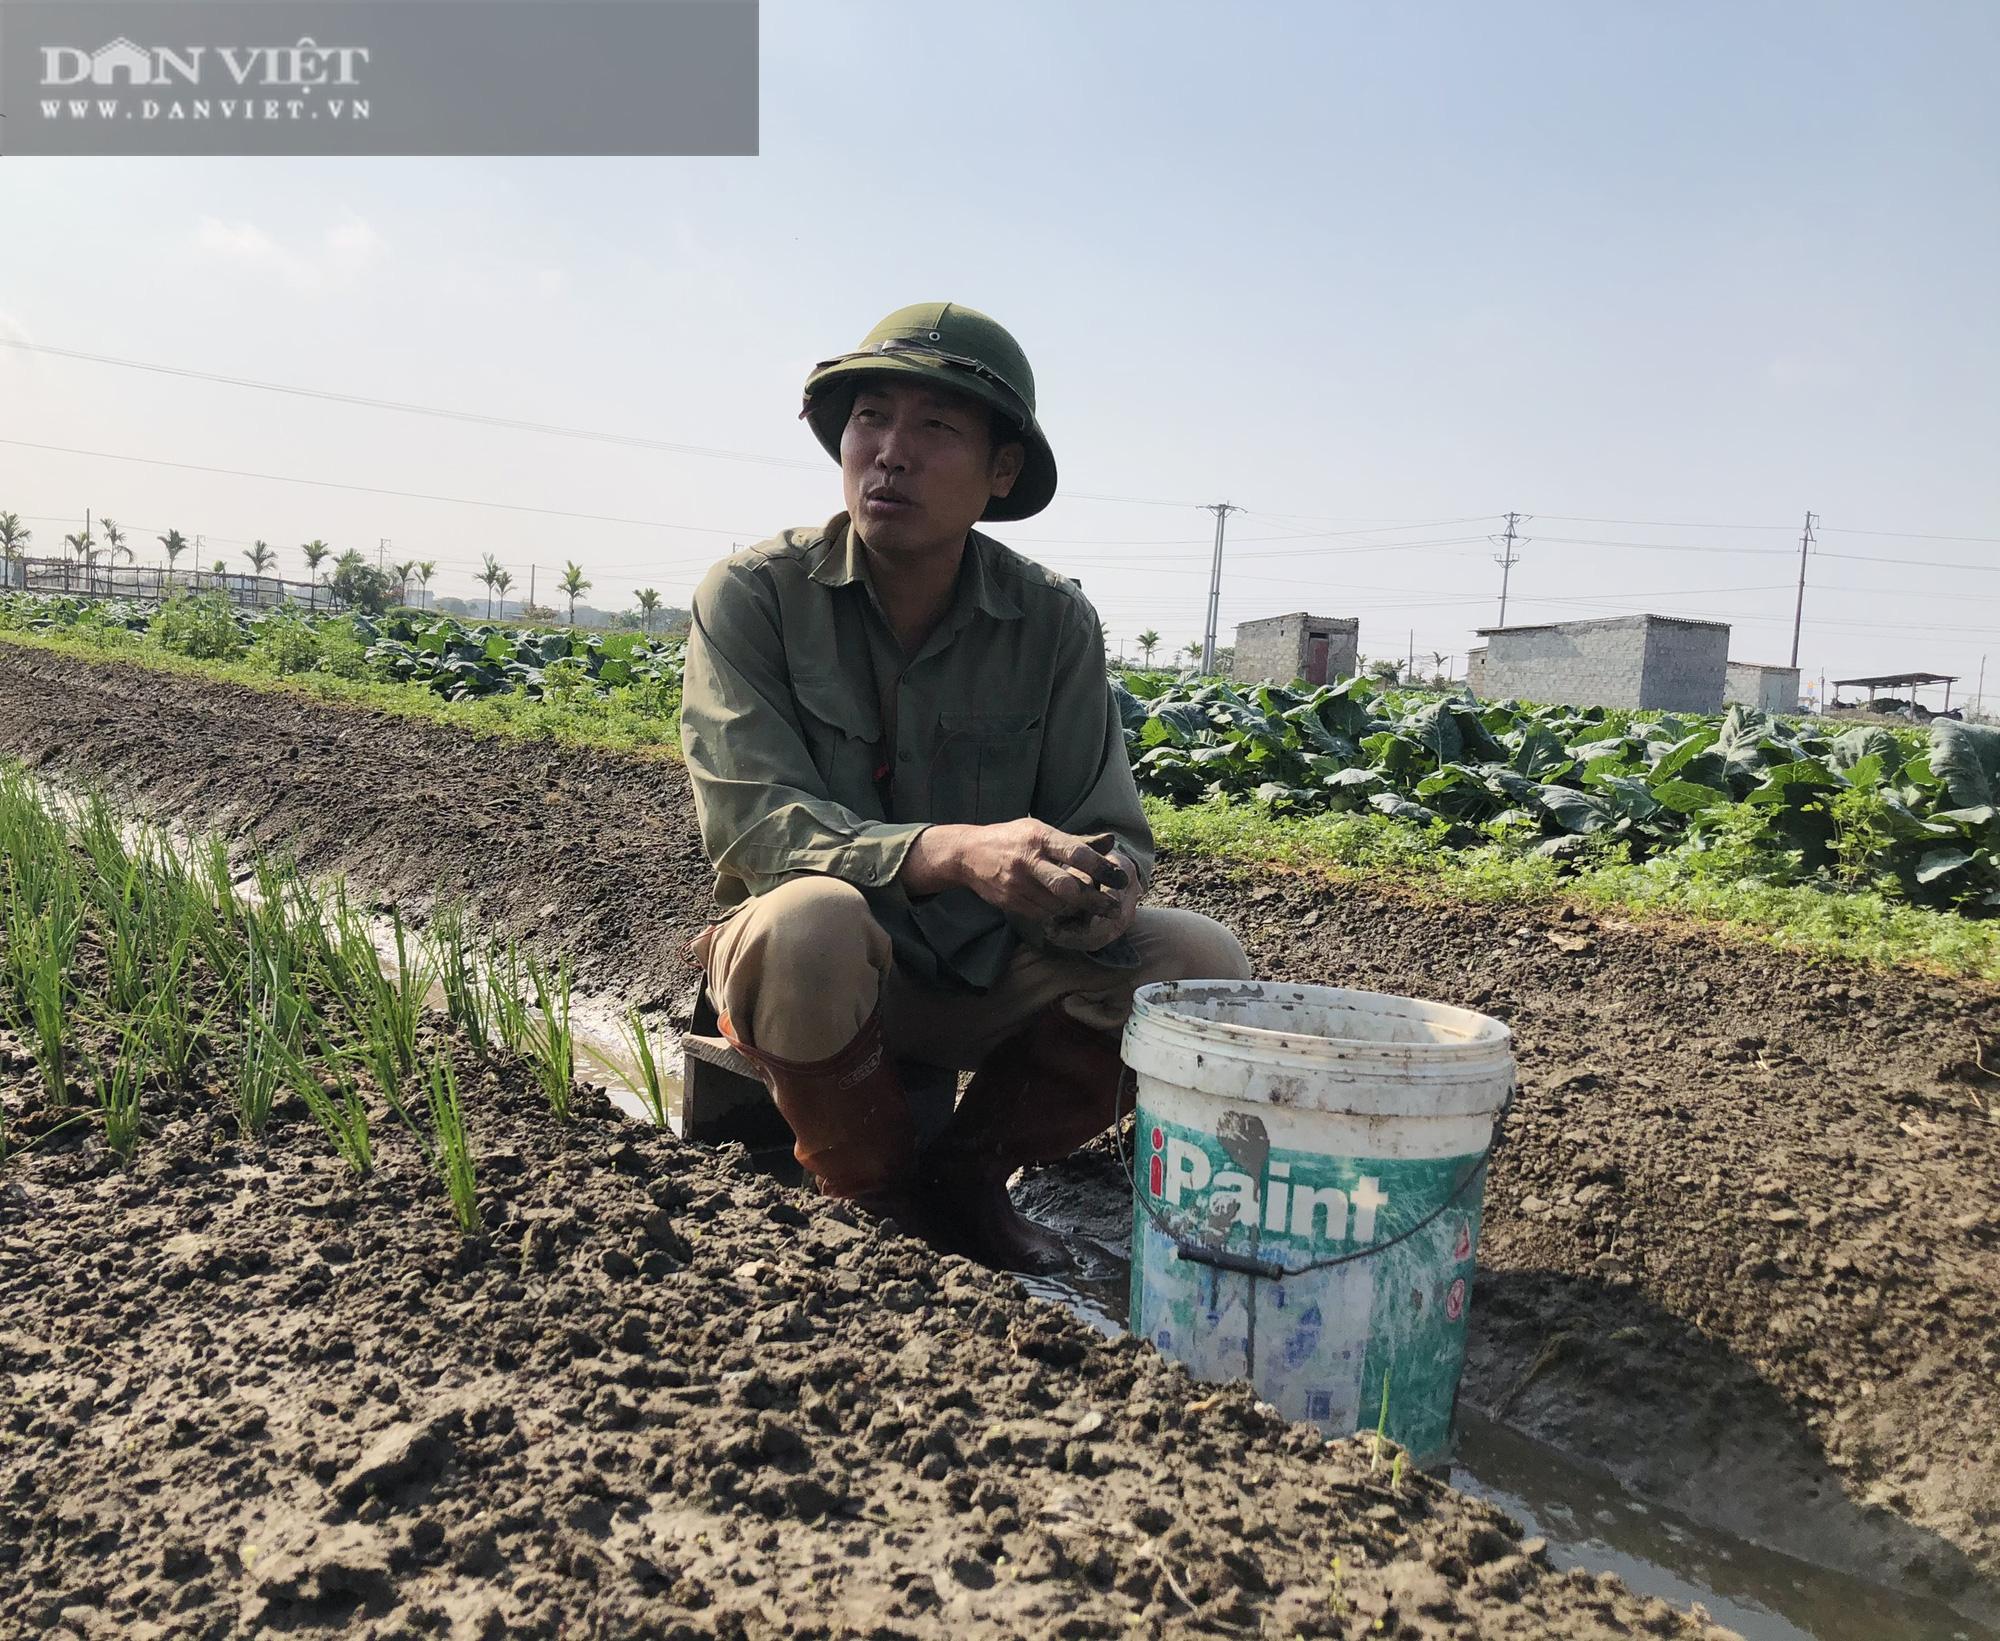 Thái Bình: Rau rẻ như cho, chỉ 8.000 nghìn đồng/15 củ su hào, nông dân chán nản cắt về làm thức ăn cho bò - Ảnh 2.